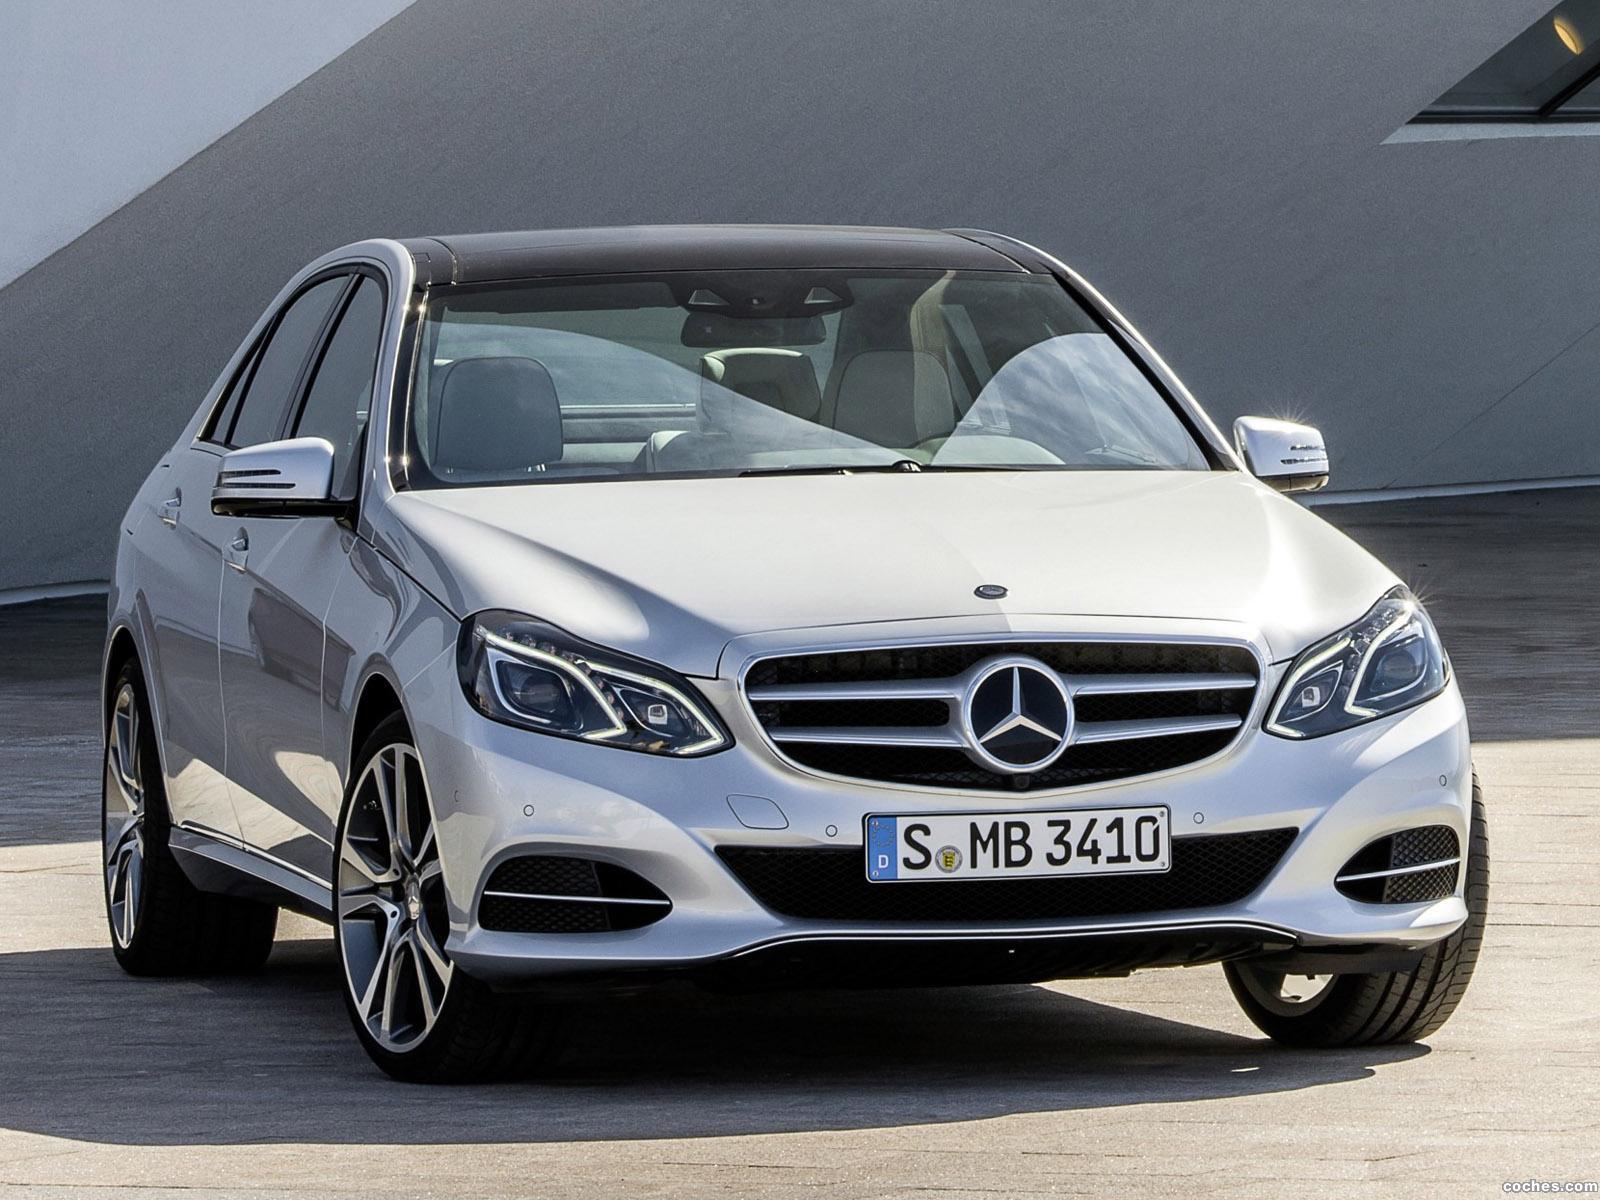 Foto 0 de Mercedes Clase E E350 4MATIC W212 2013